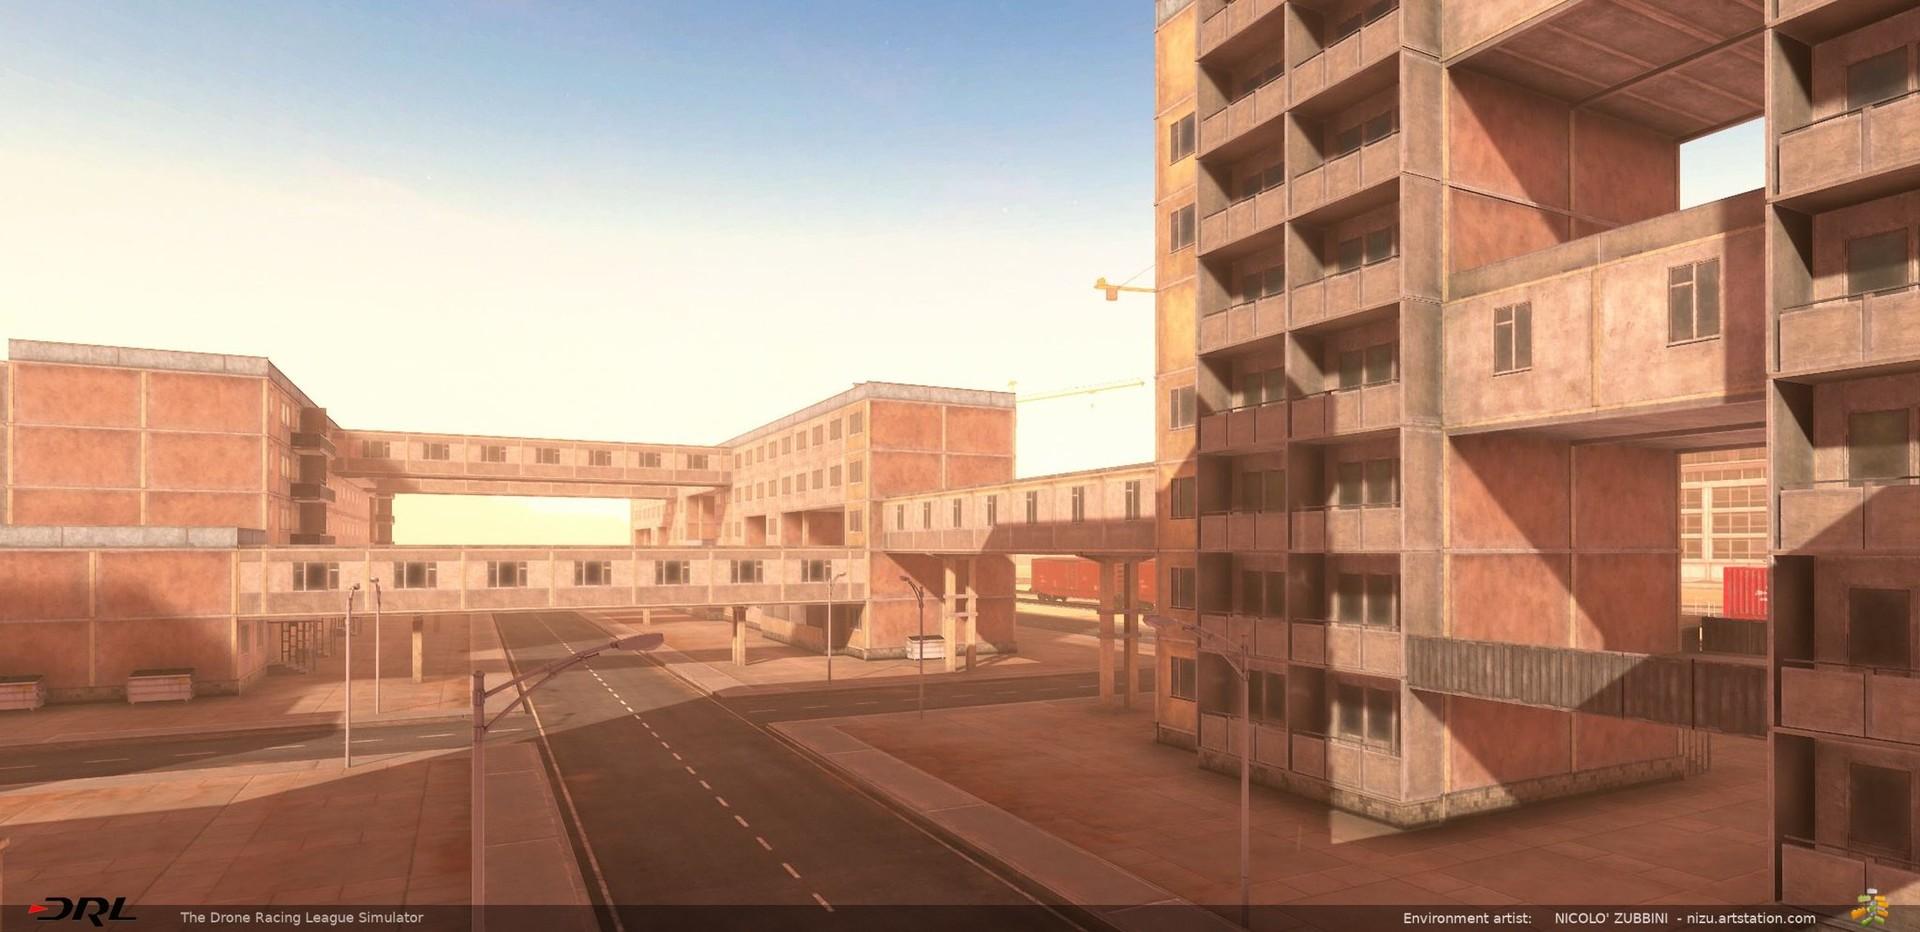 Nicolo zubbini oos apartments 3